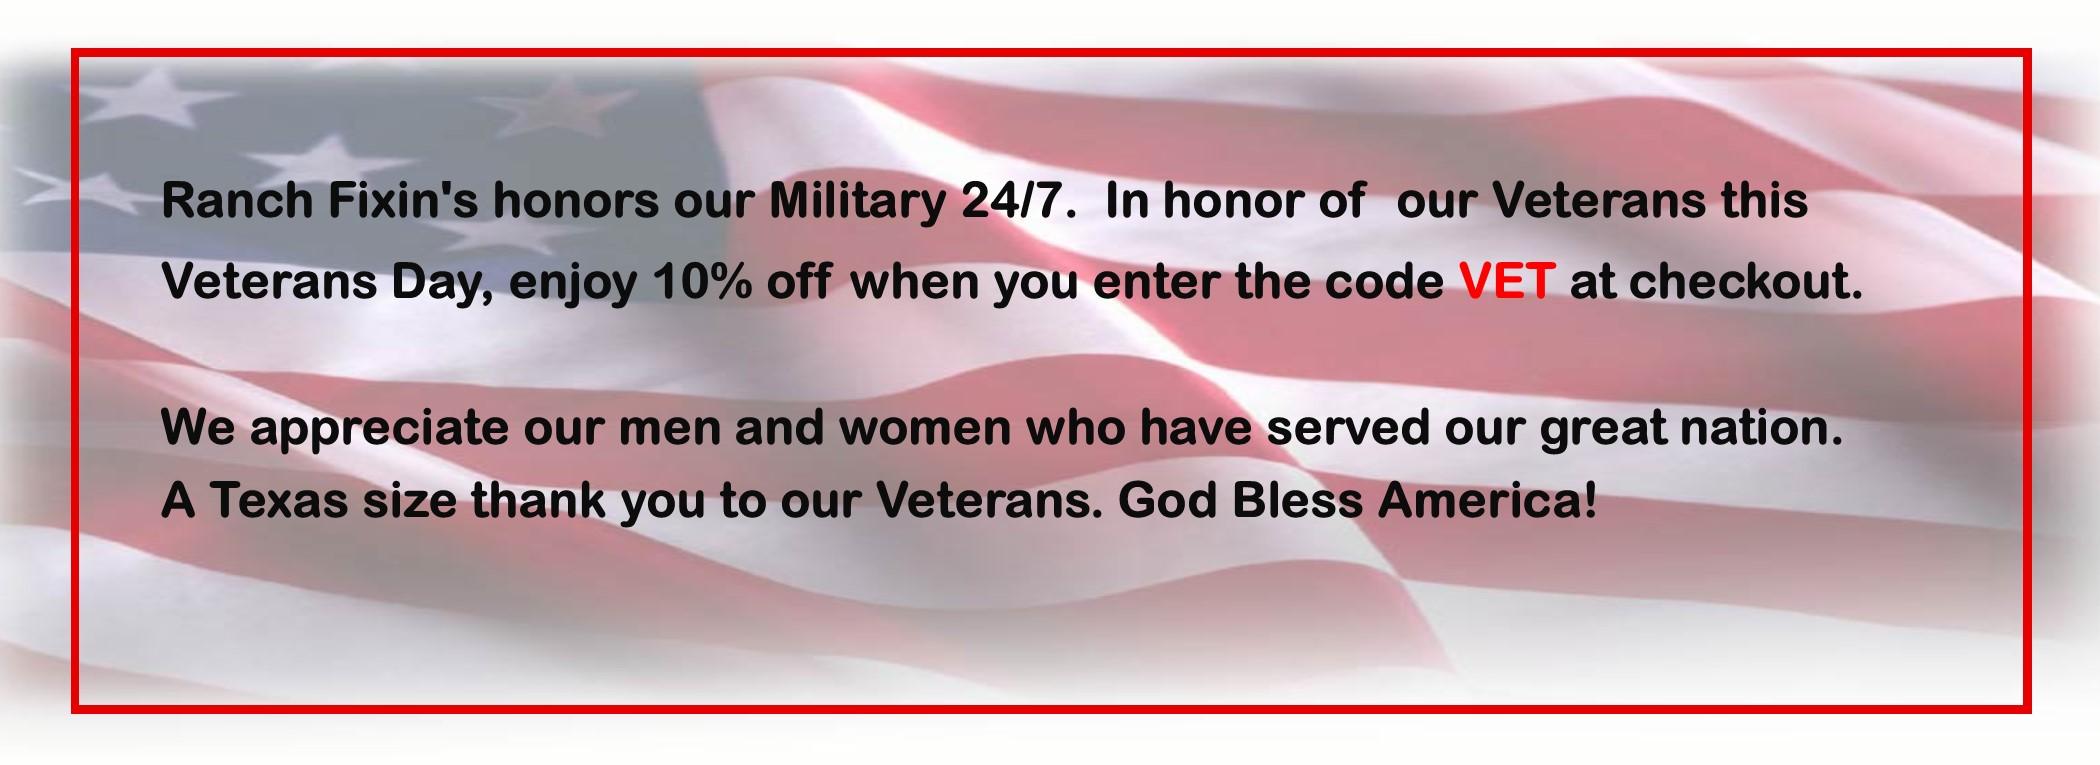 nov.-veteran-s-day-banner-website-2019-.jpg